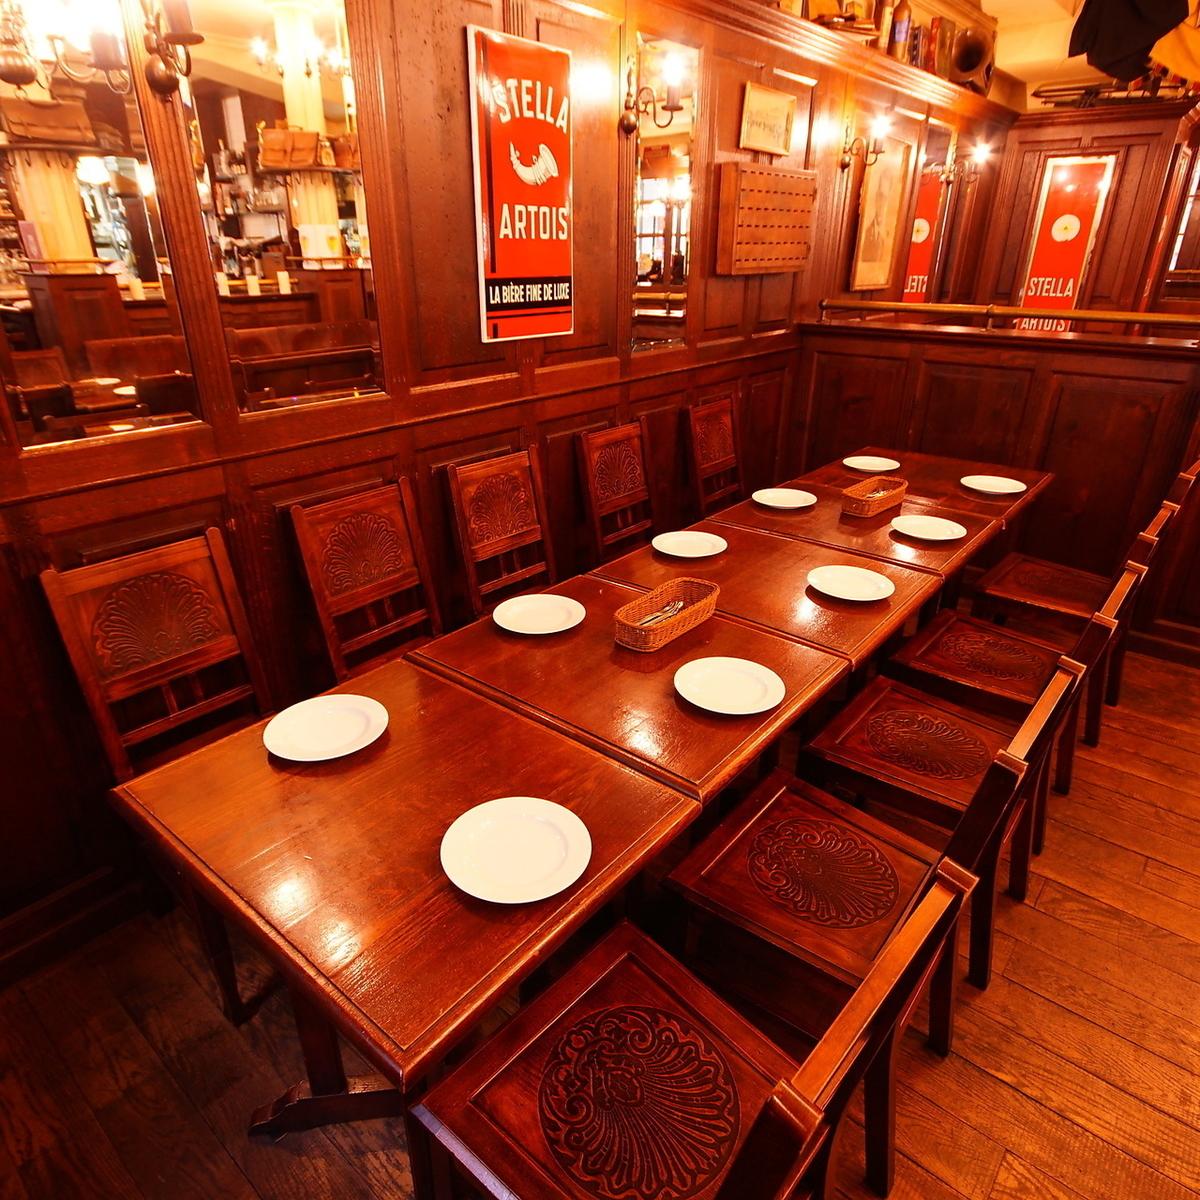 【~10人座位】是團體的座位。一張桌子最多可容納10人。